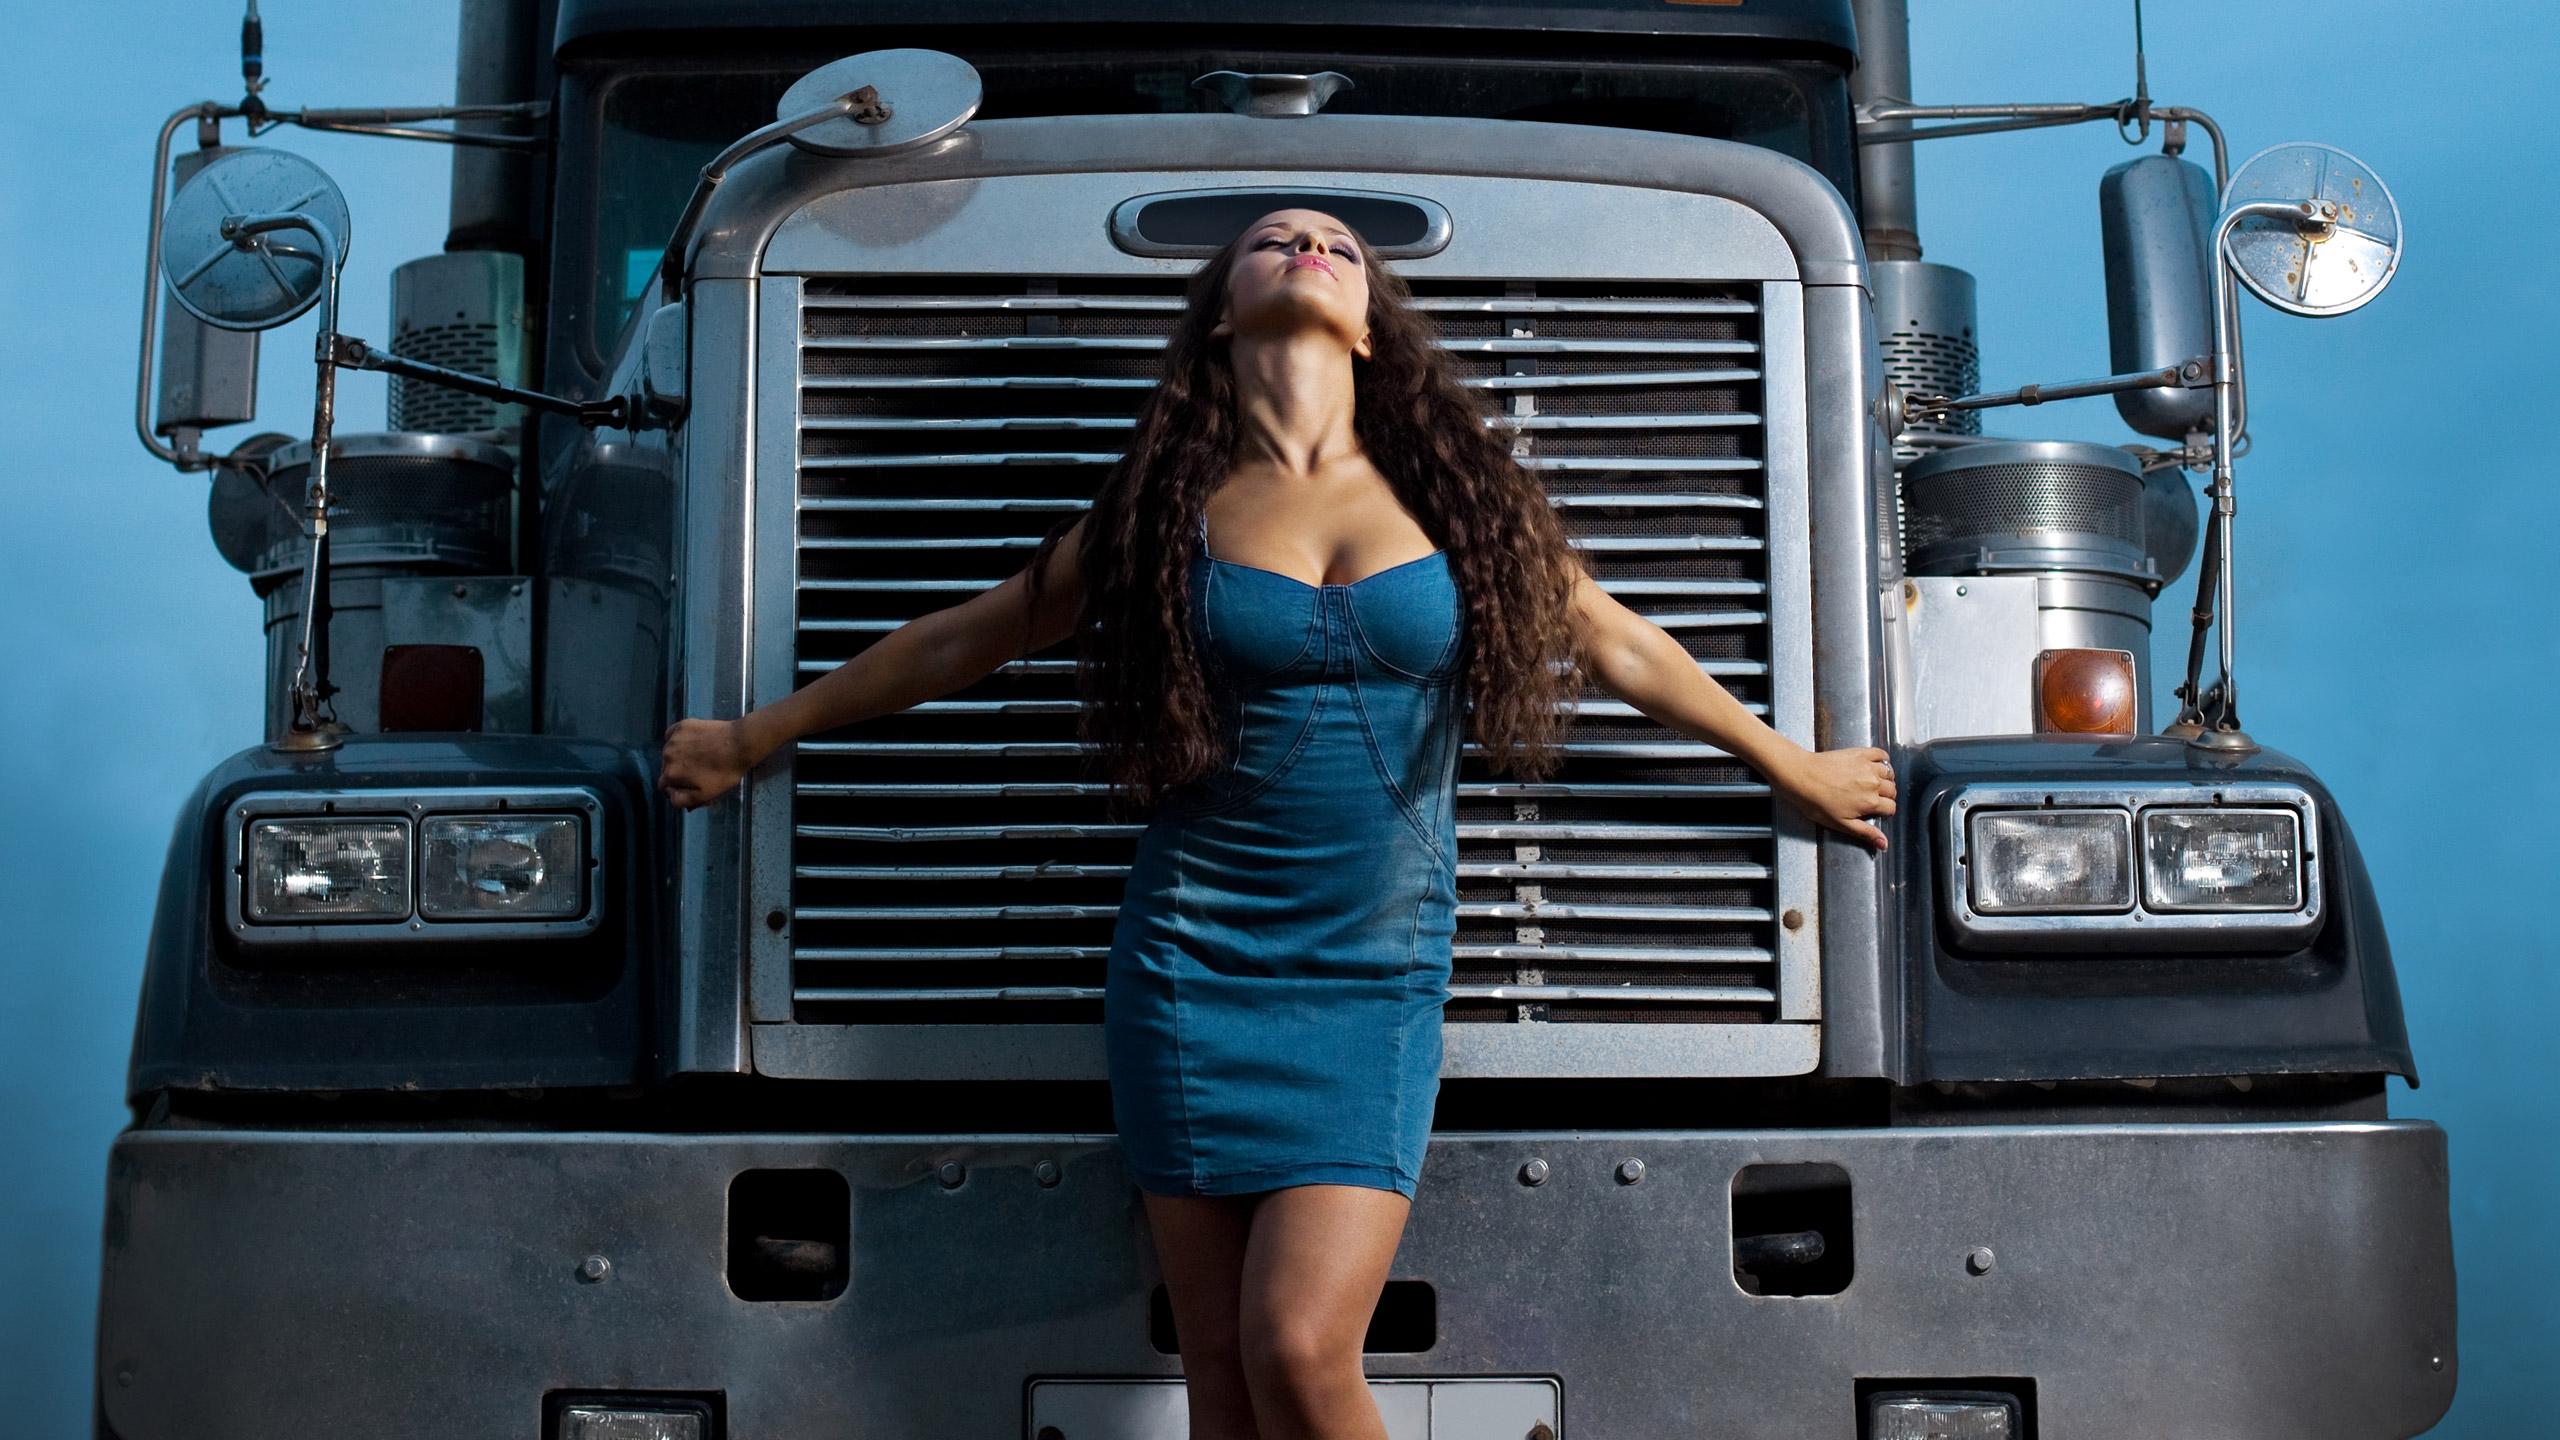 Lavaggio camion e veicoli industriali: i migliori prodotti per la